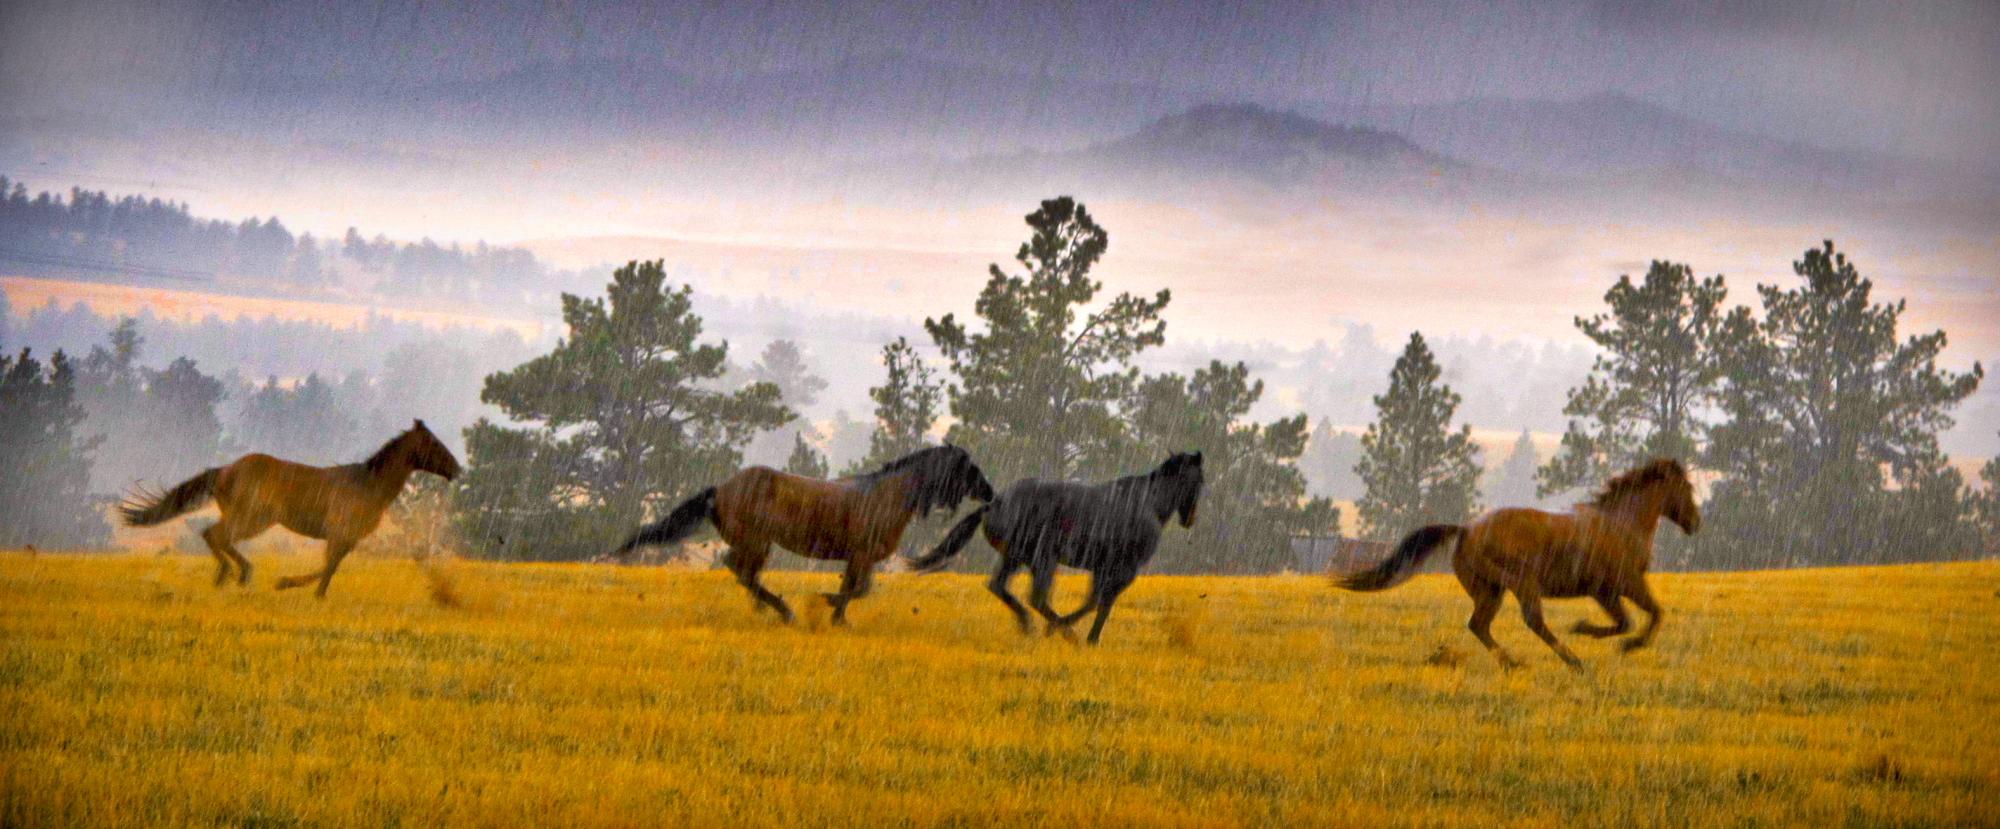 JRawlings-horses_2